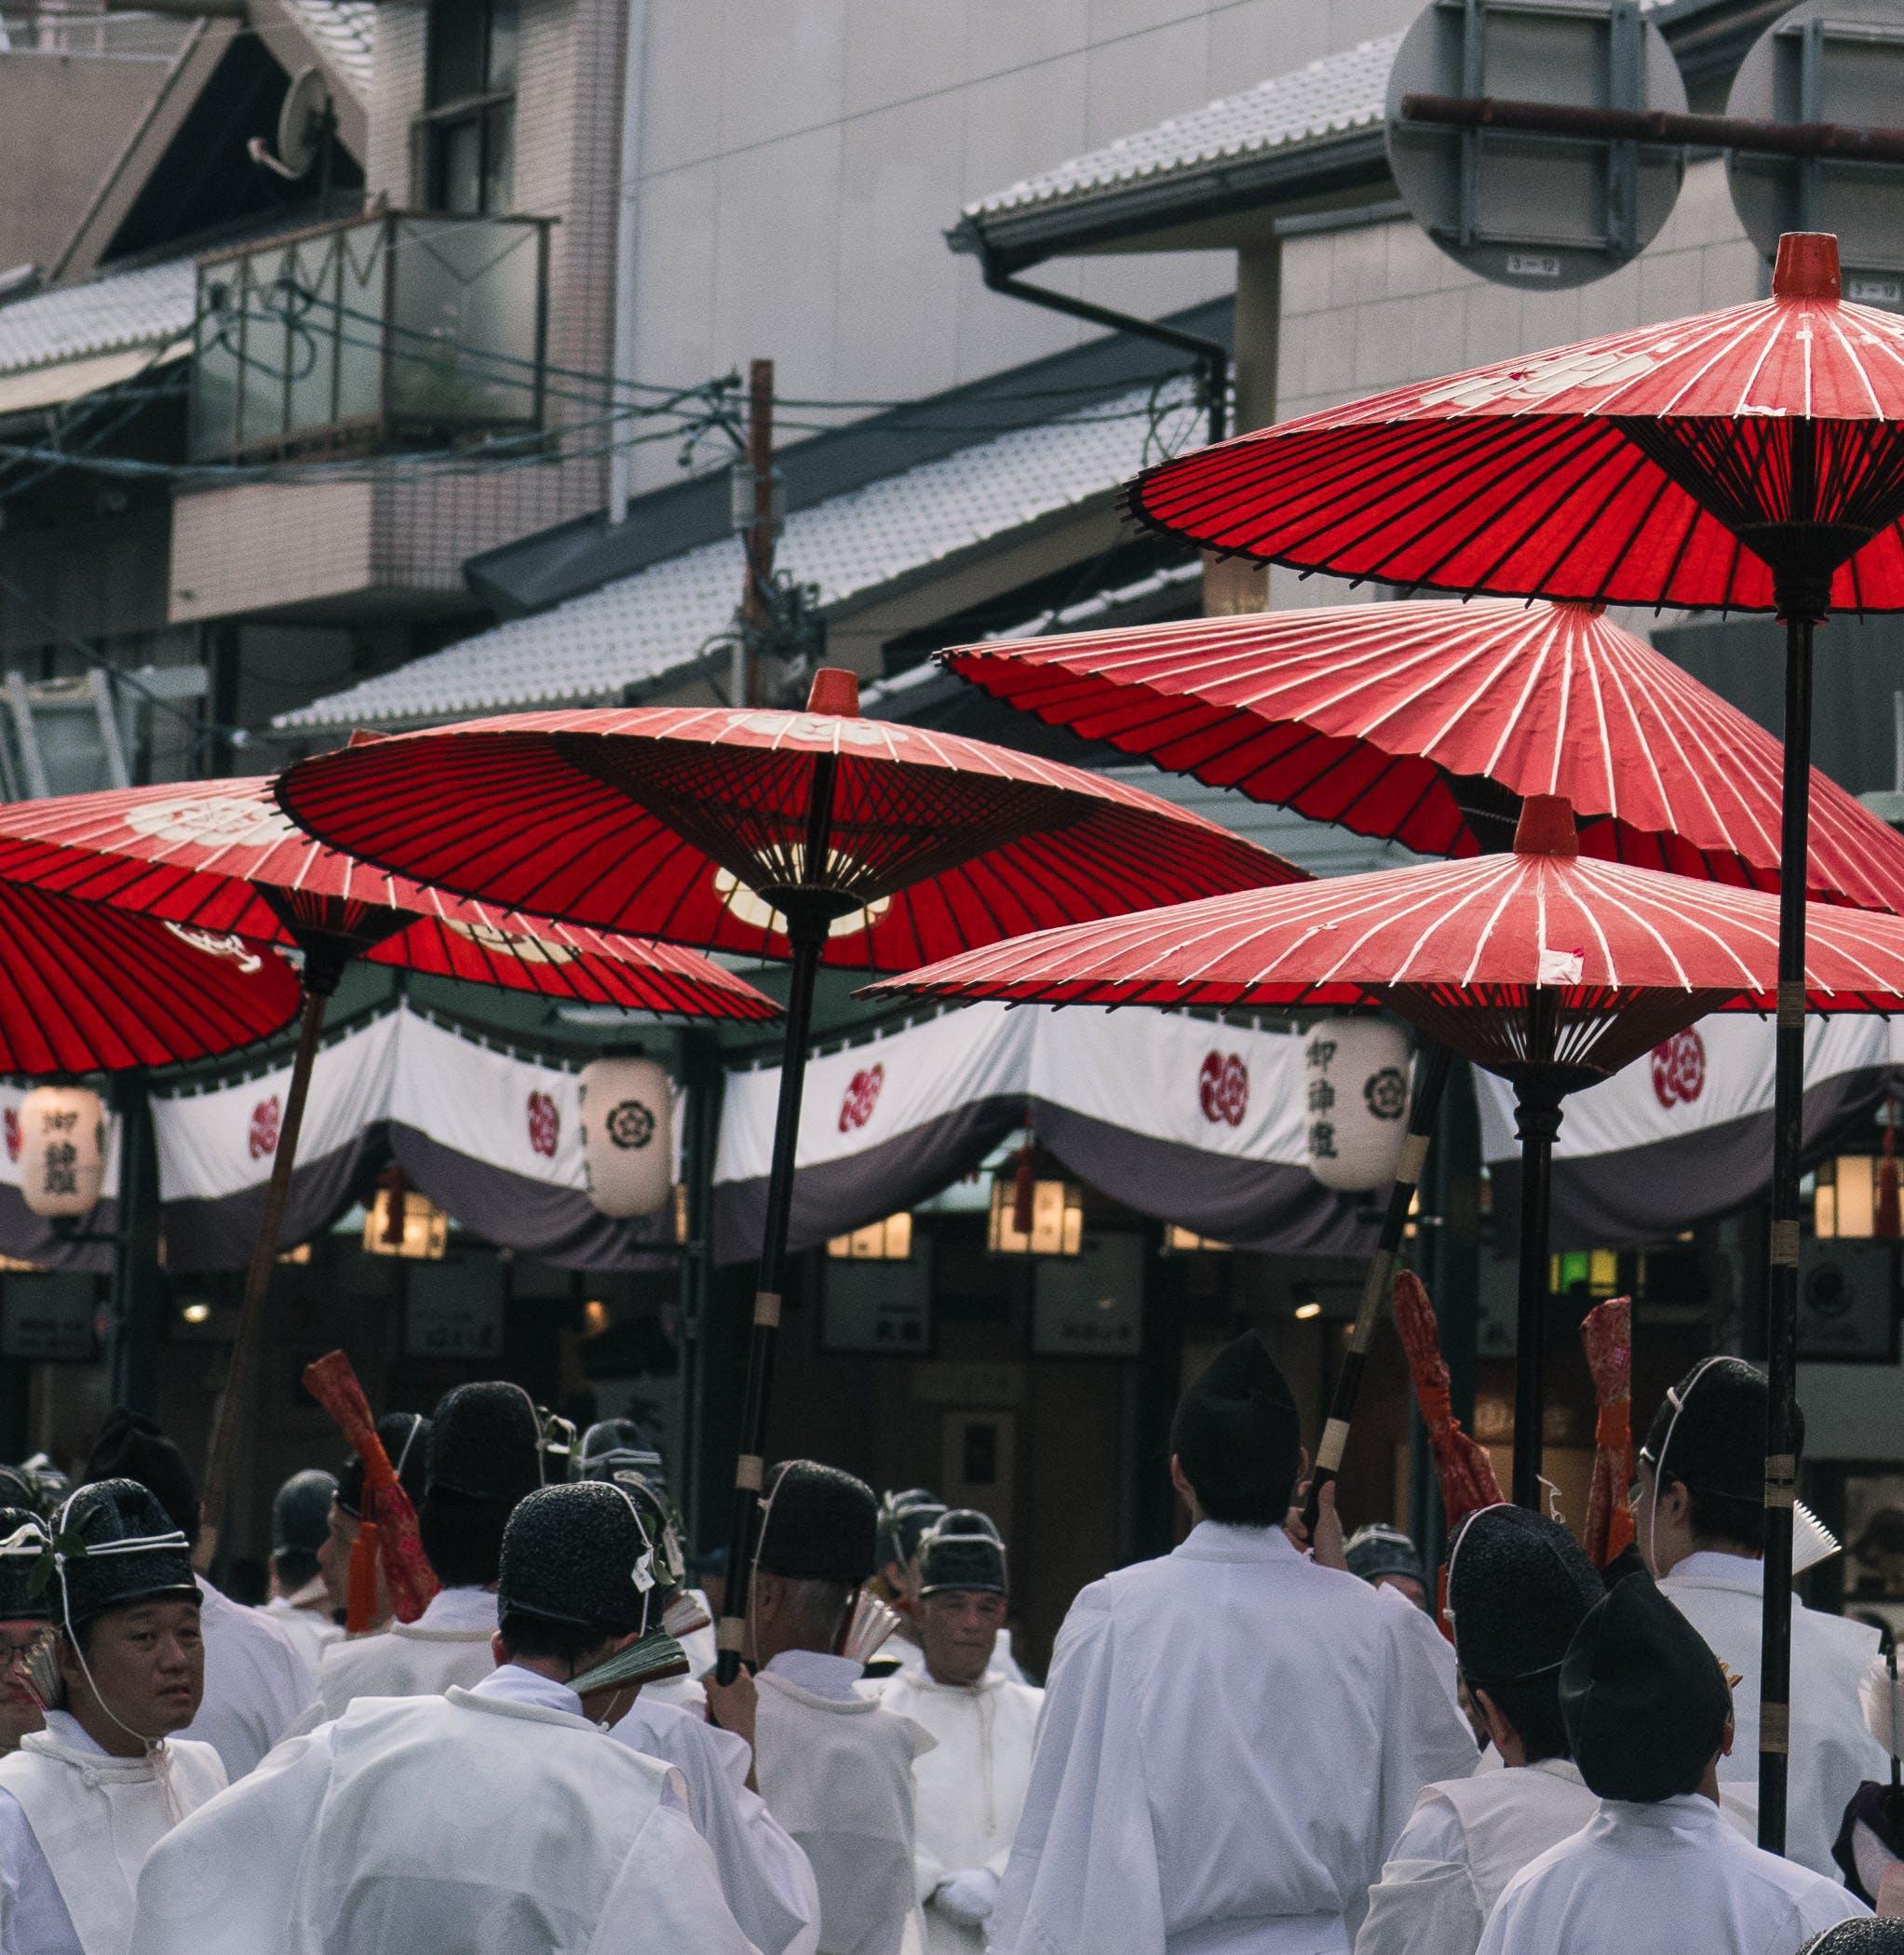 asyalı insanlar, din, Festival, gün ışığı içeren Ücretsiz stok fotoğraf